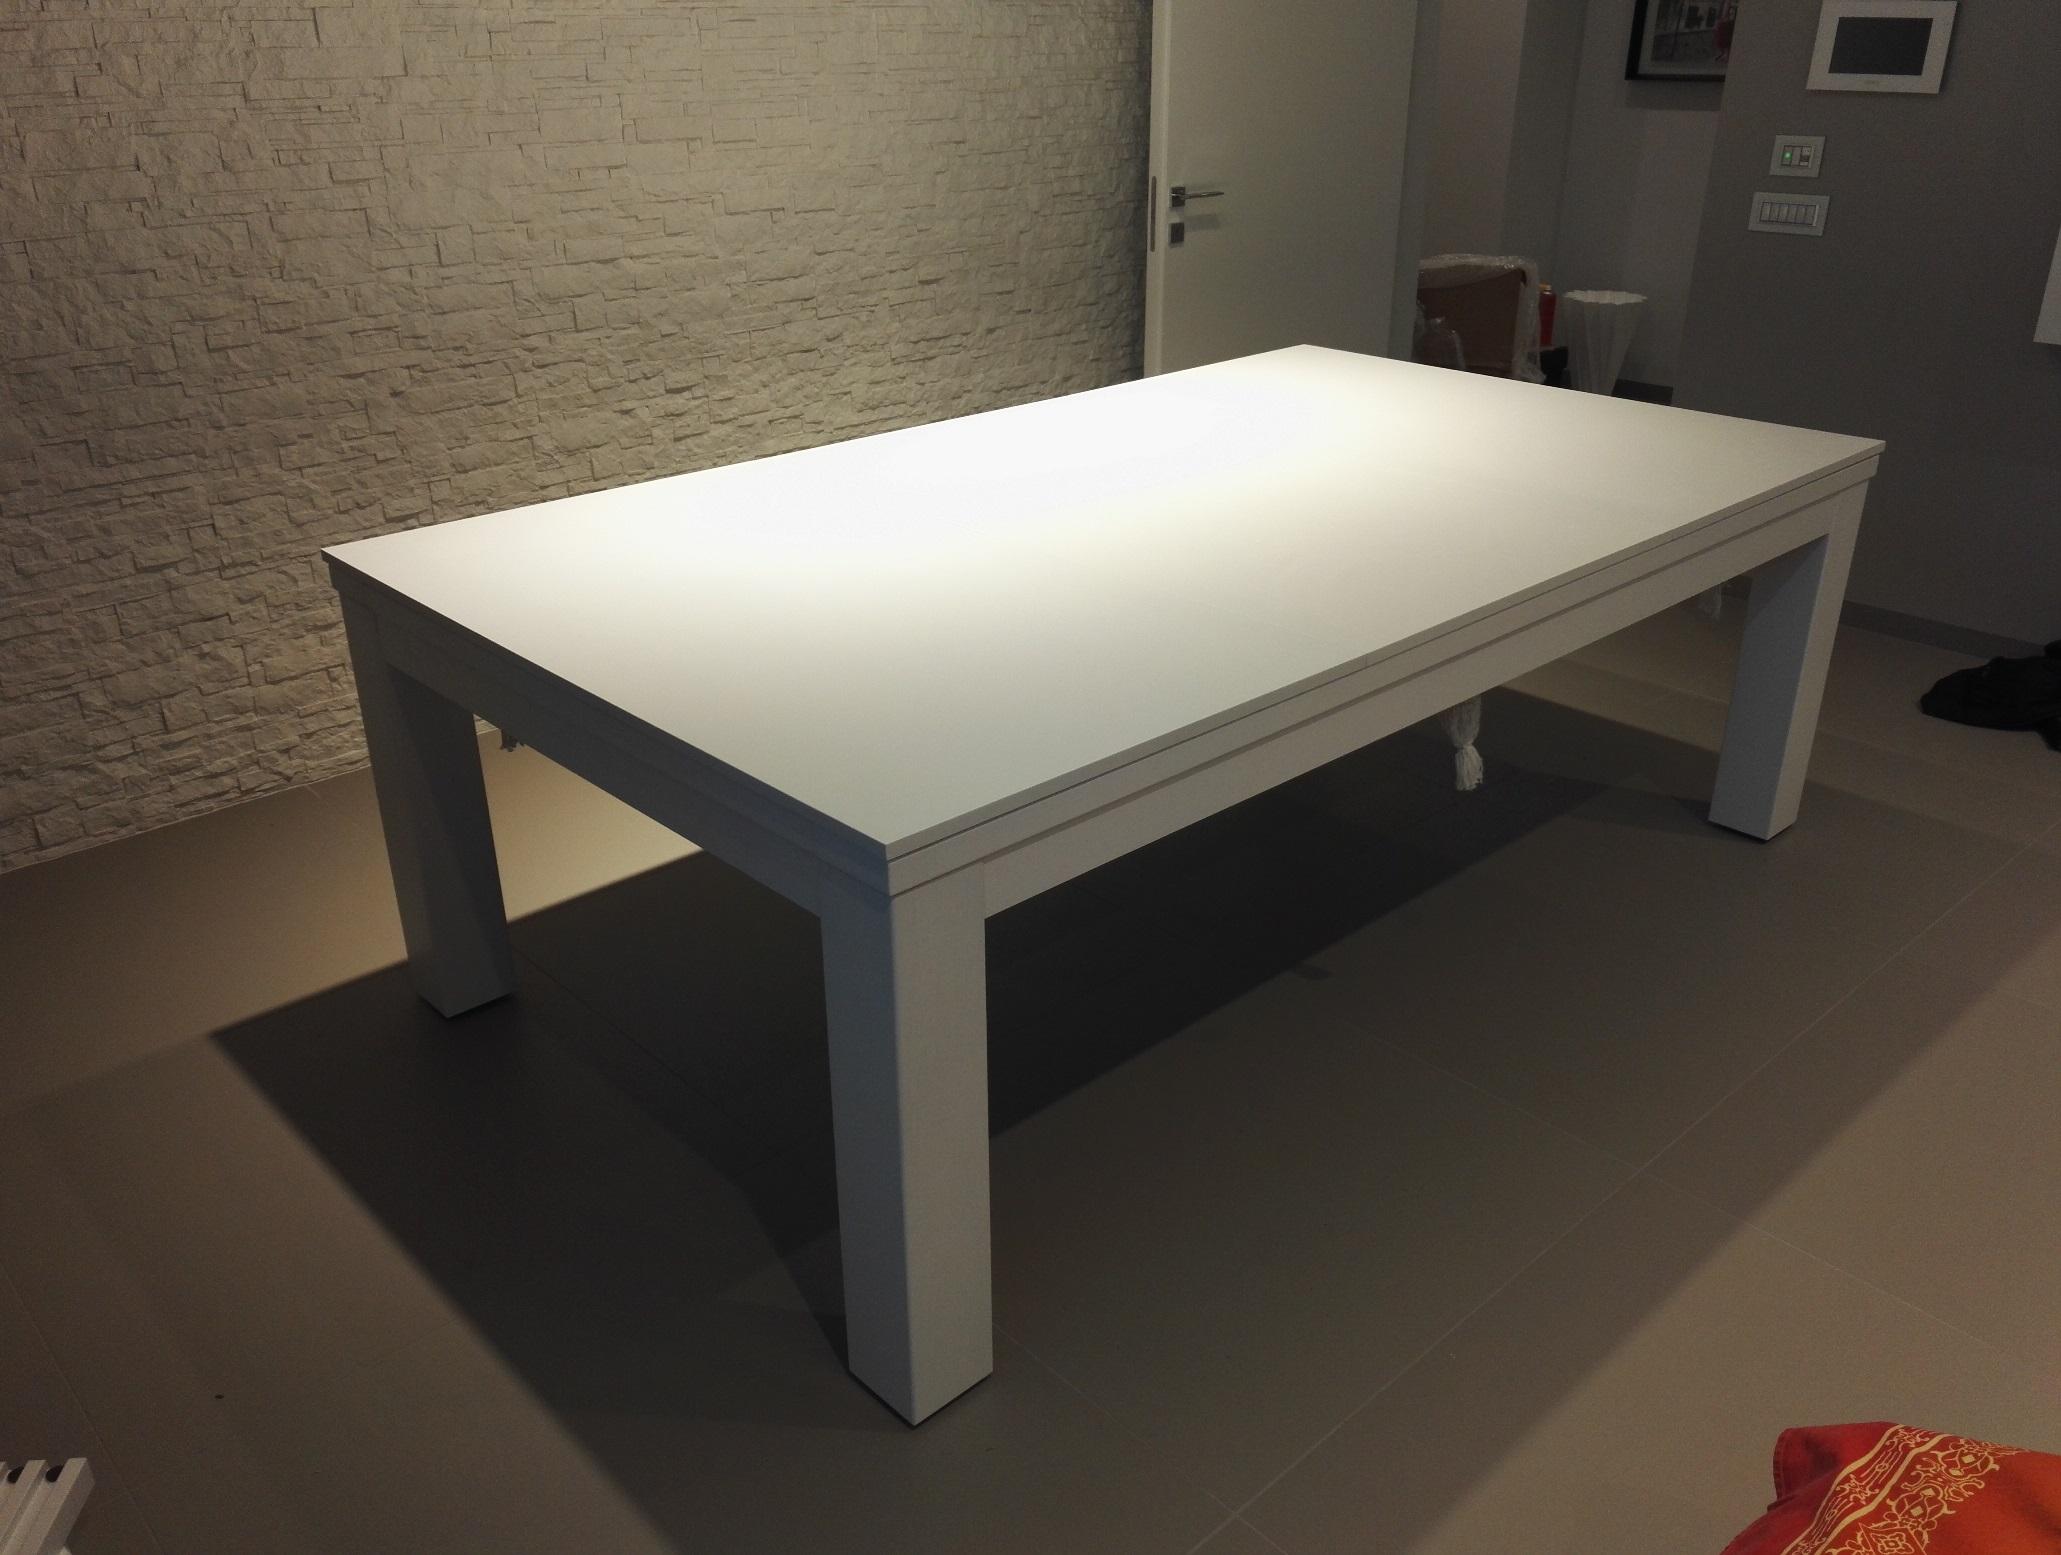 billard esstisch chicago online kaufen billard lissy. Black Bedroom Furniture Sets. Home Design Ideas